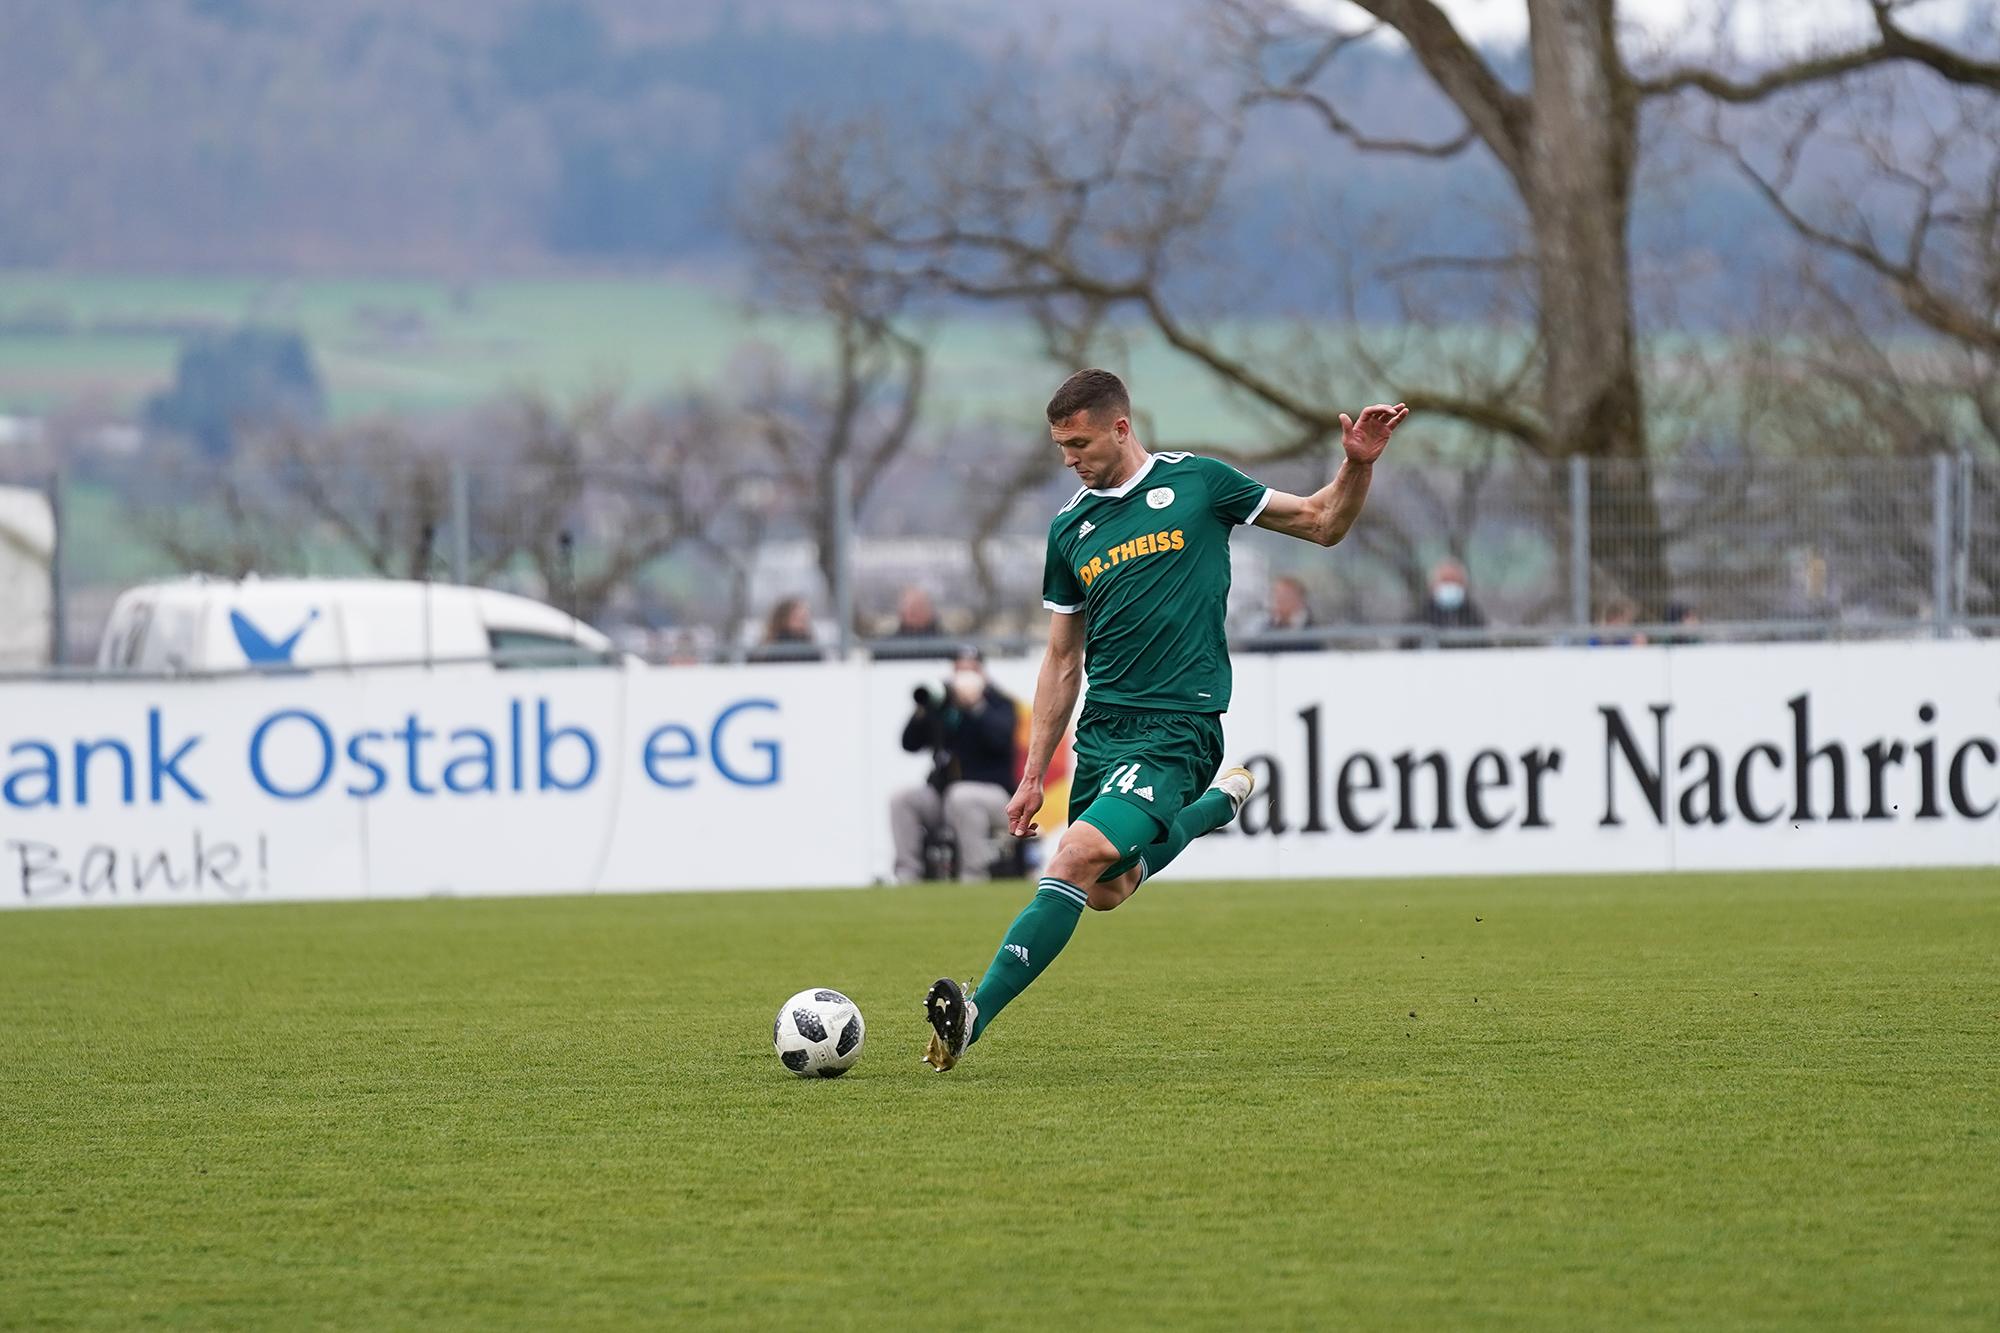 17.04.2021   Saison 2020/21   FC 08 Homburg   VfR Aalen